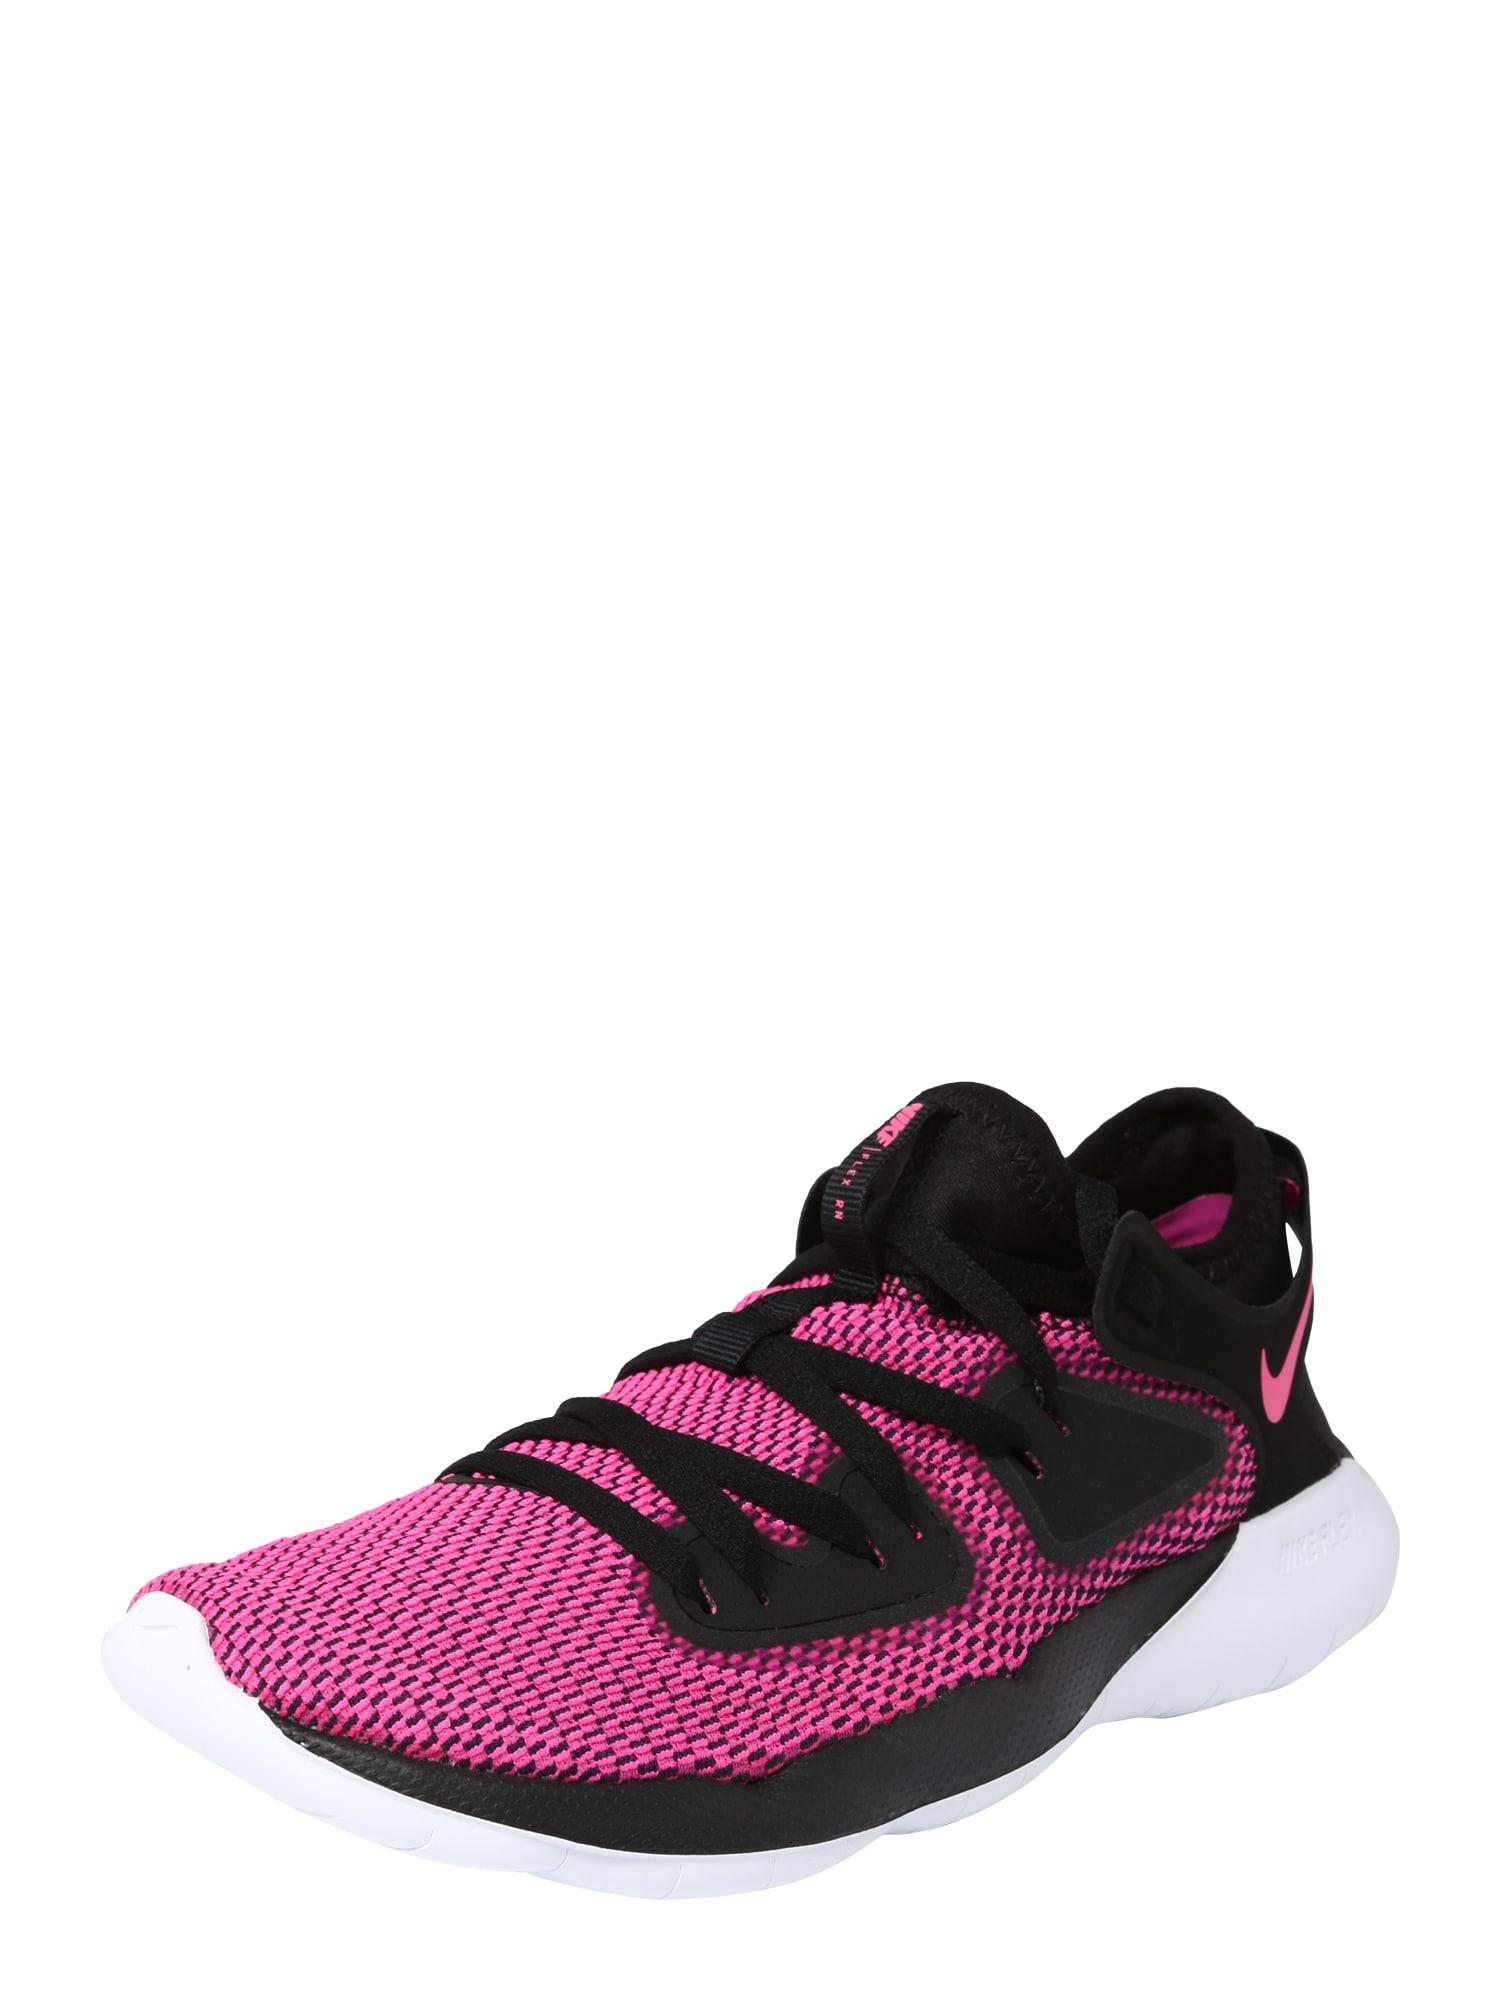 Sportovní boty Flex 2019 RN pink černá NIKE